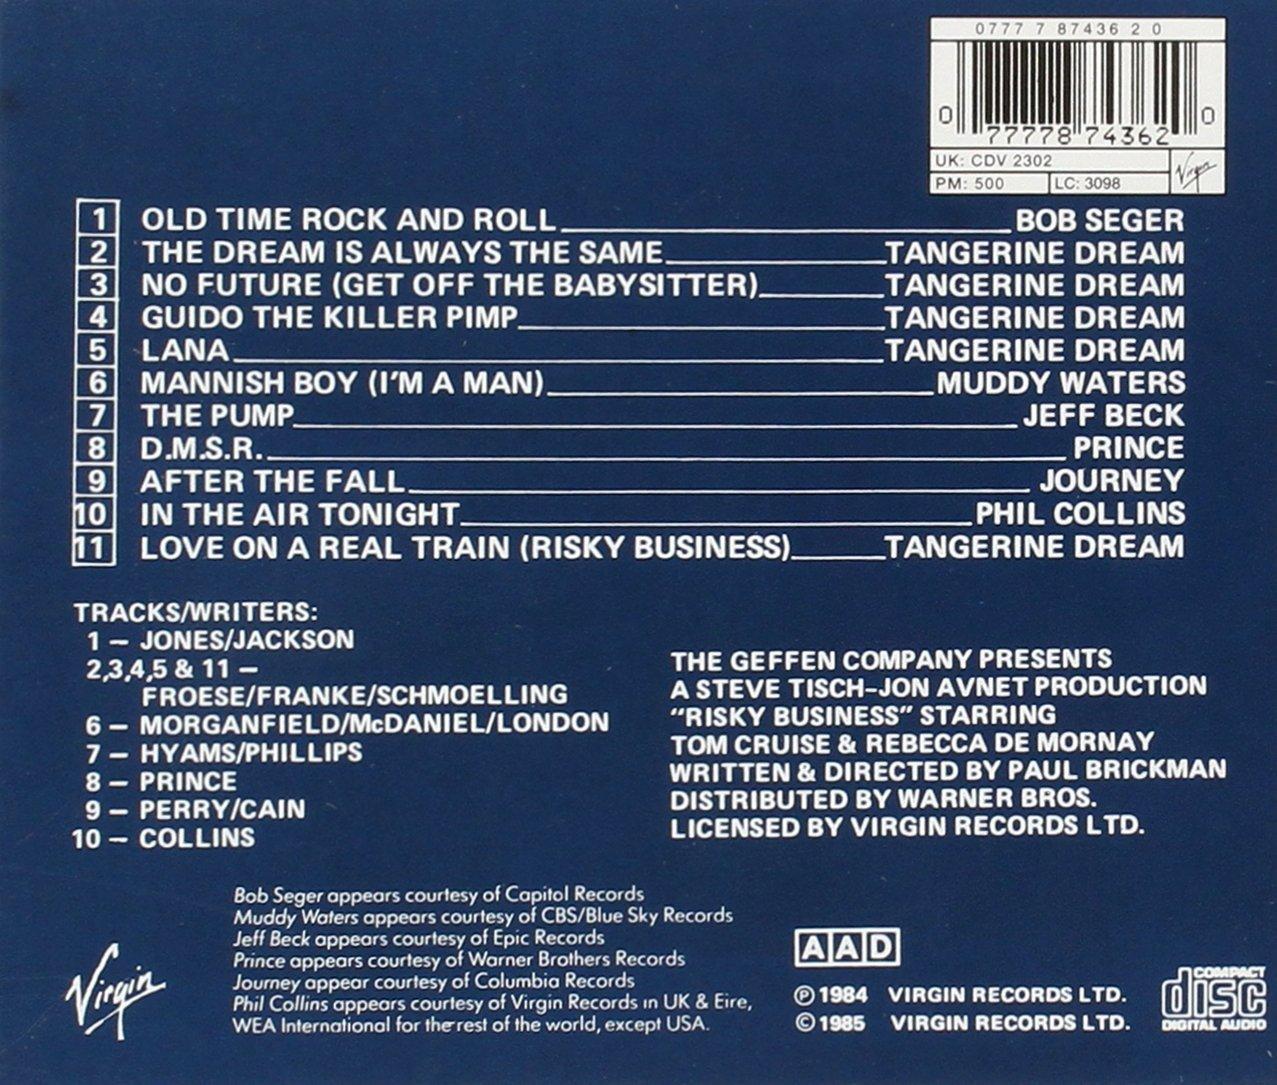 Risky Business Soundtrack - Ost, Various: Amazon.de: Musik